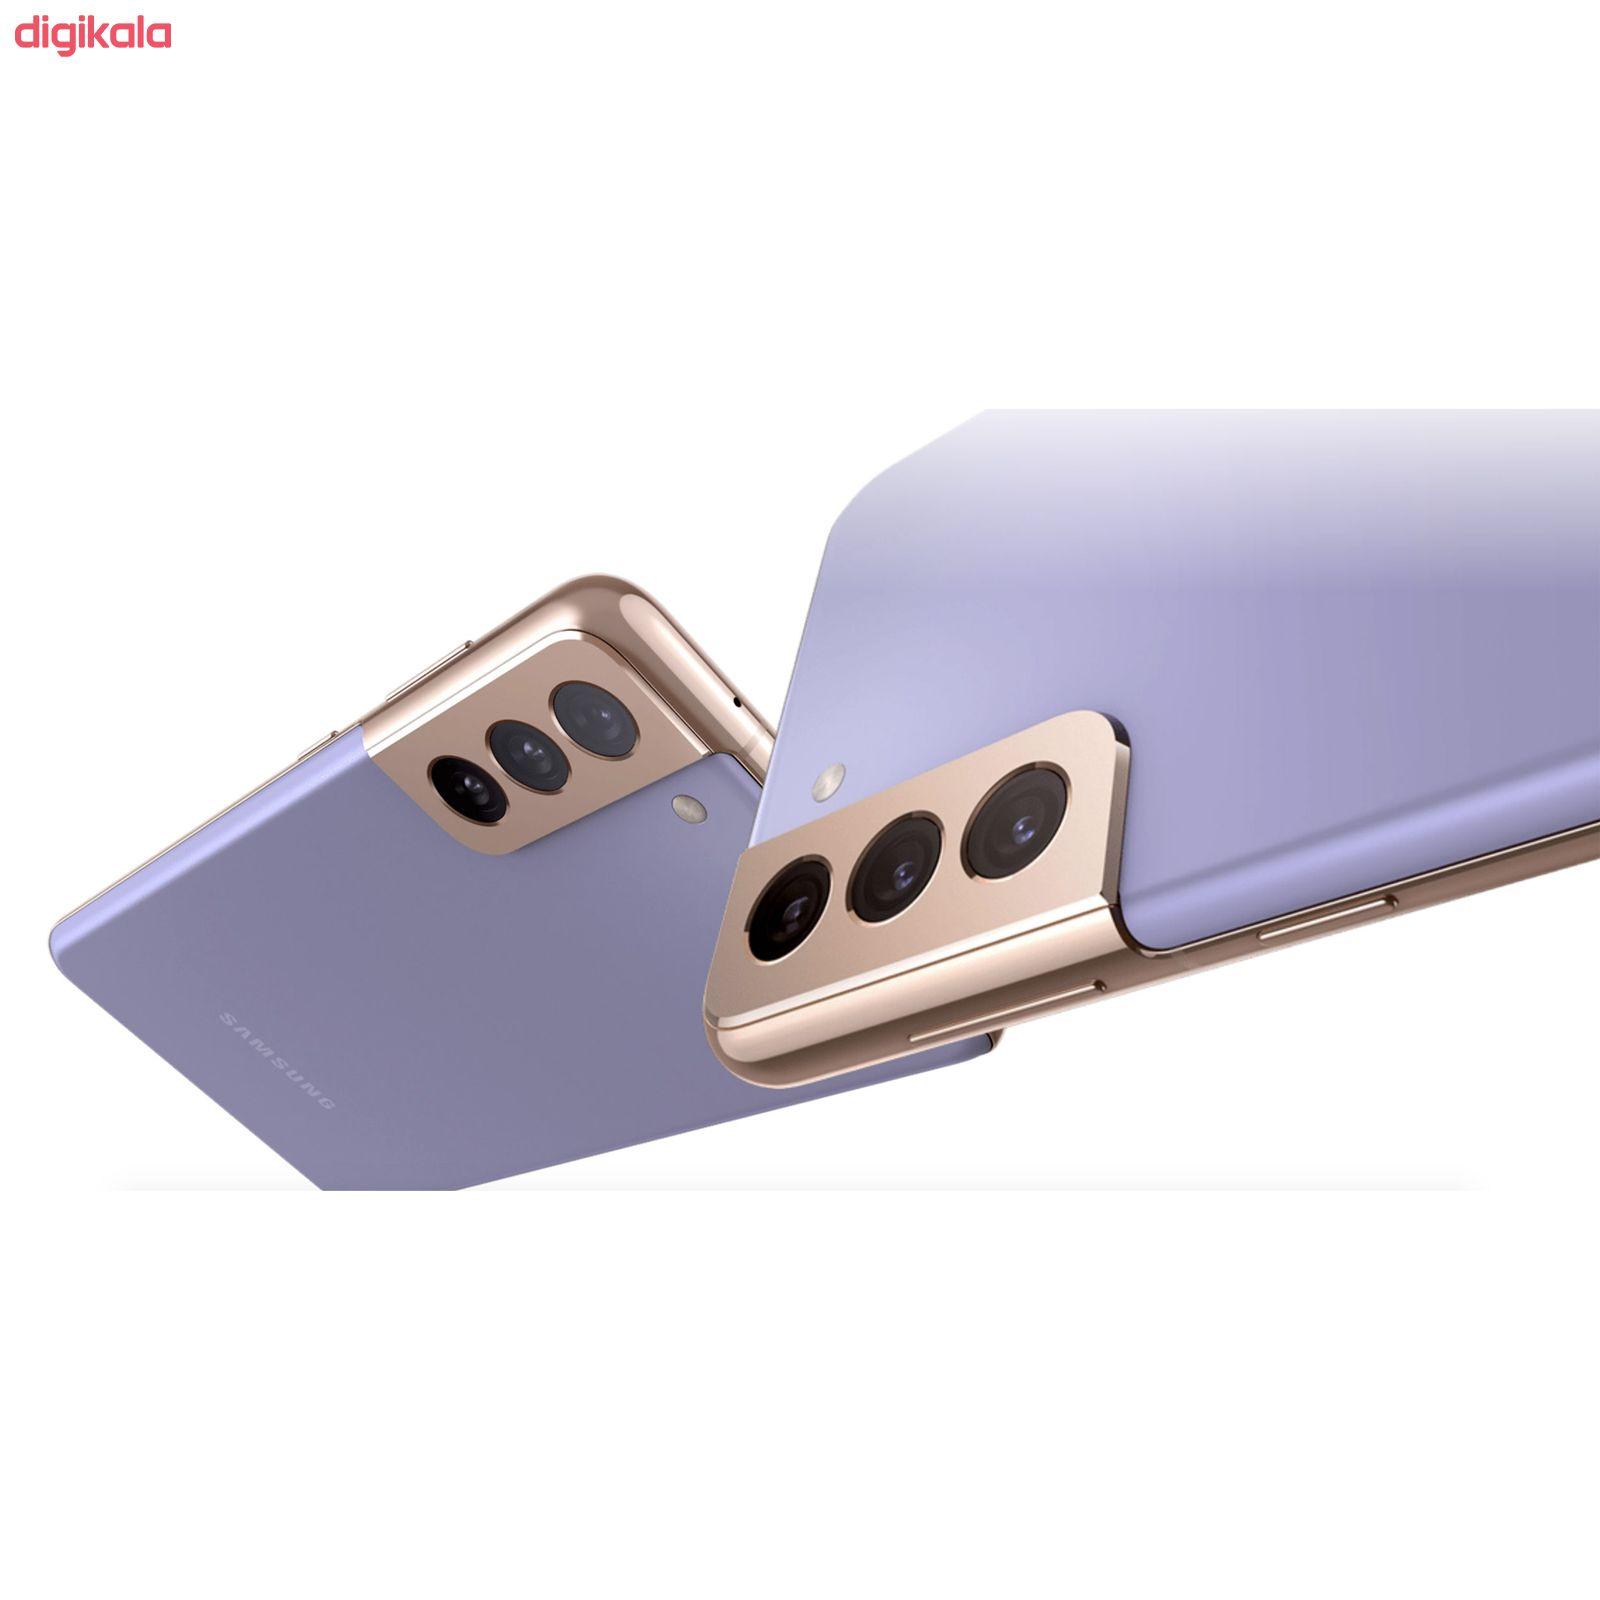 گوشی موبایل سامسونگ مدل Galaxy S21 Plus 5G SM-G996B/DS دو سیم کارت ظرفیت 256 گیگابایت و رم 8 گیگابایت main 1 8